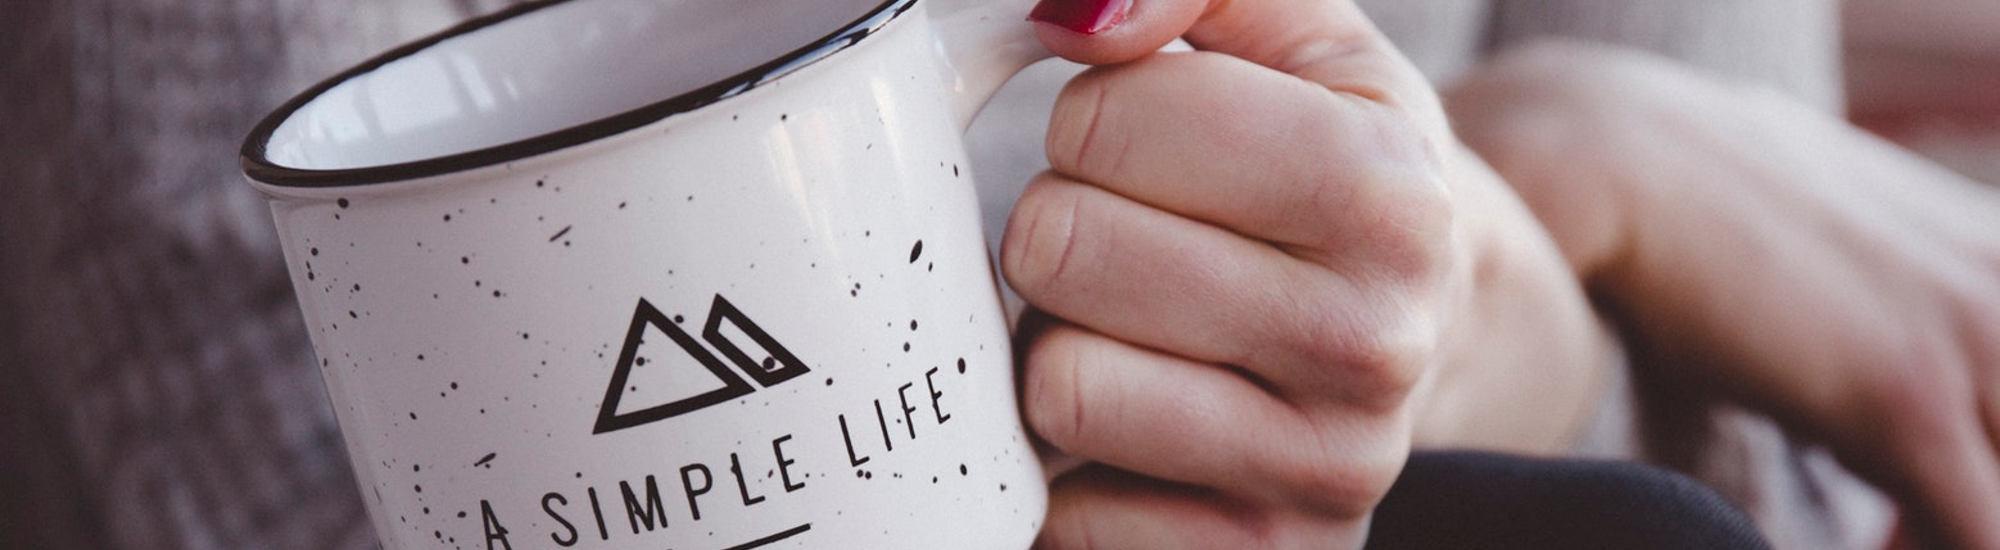 Especialistas ministram curso Construindo uma vida com propósito no século 21; inscrições abertas